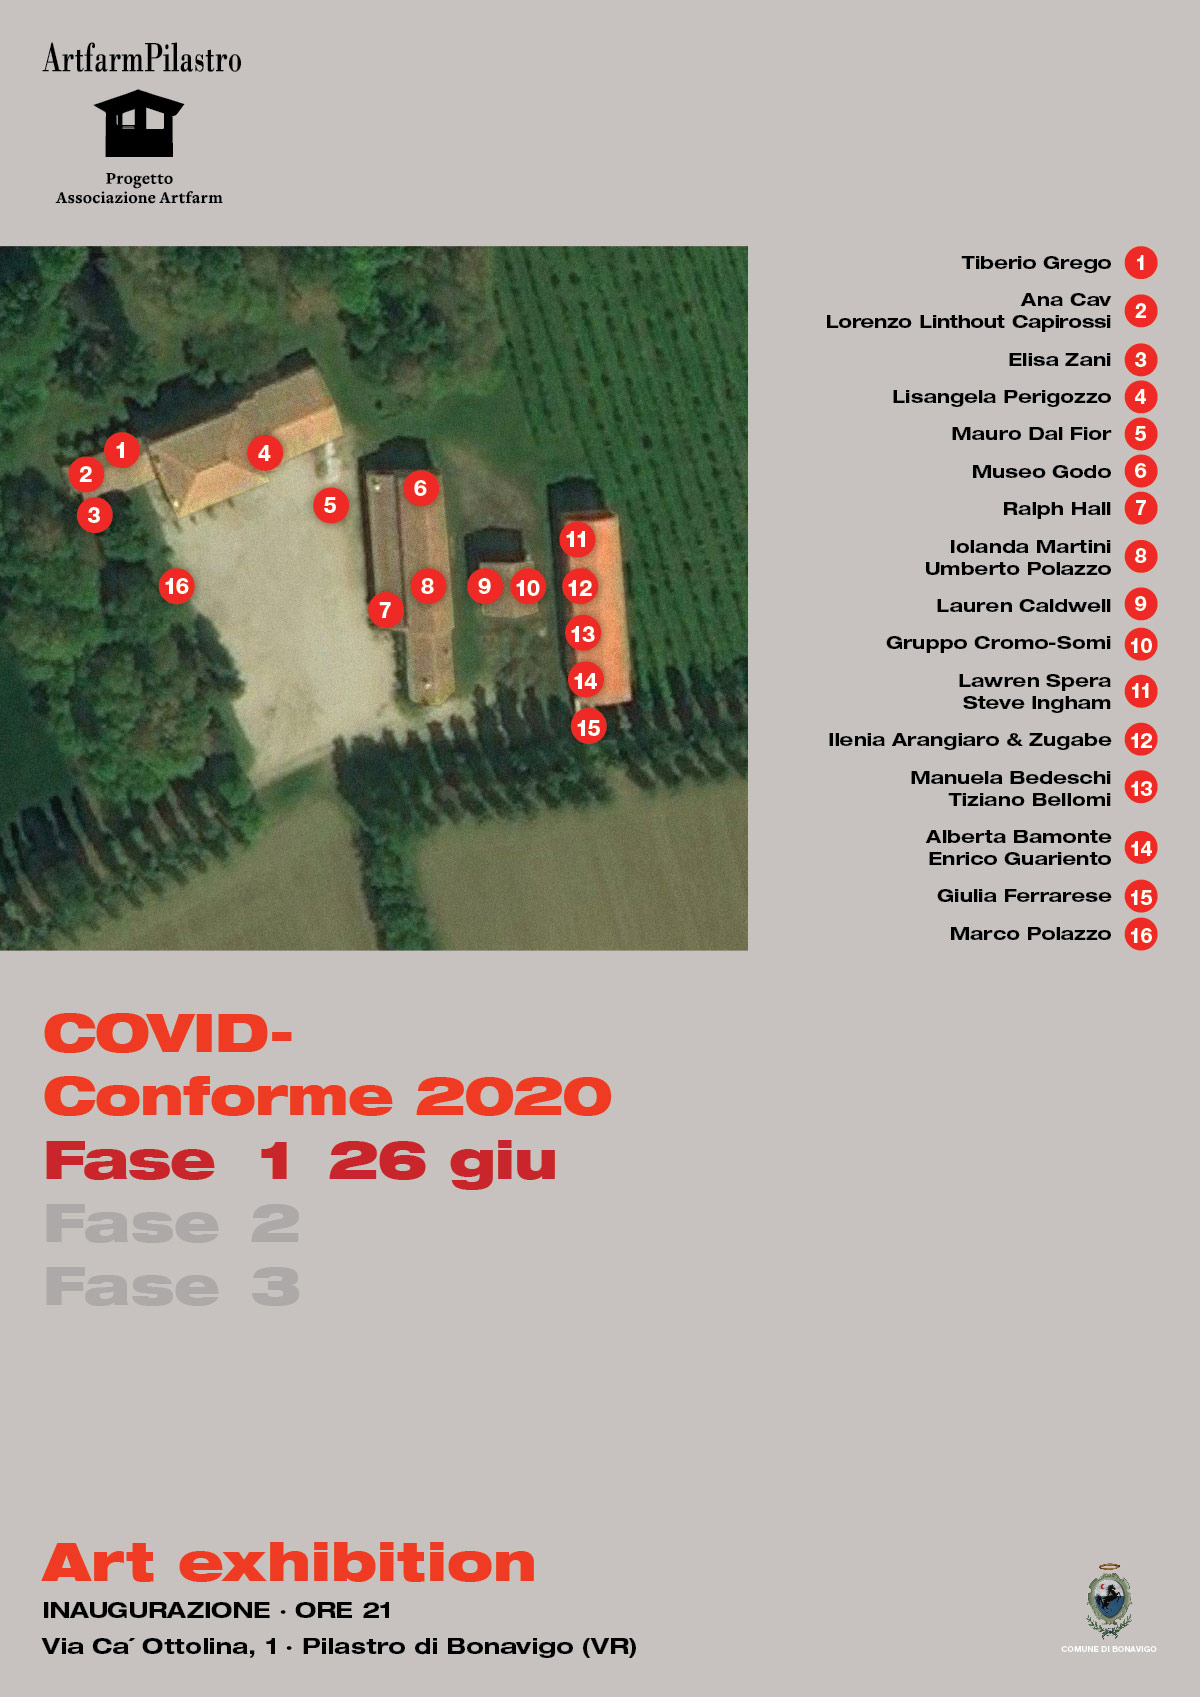 Artfarm Pilastro - COVID-Conforme 2020 - 26 giugno